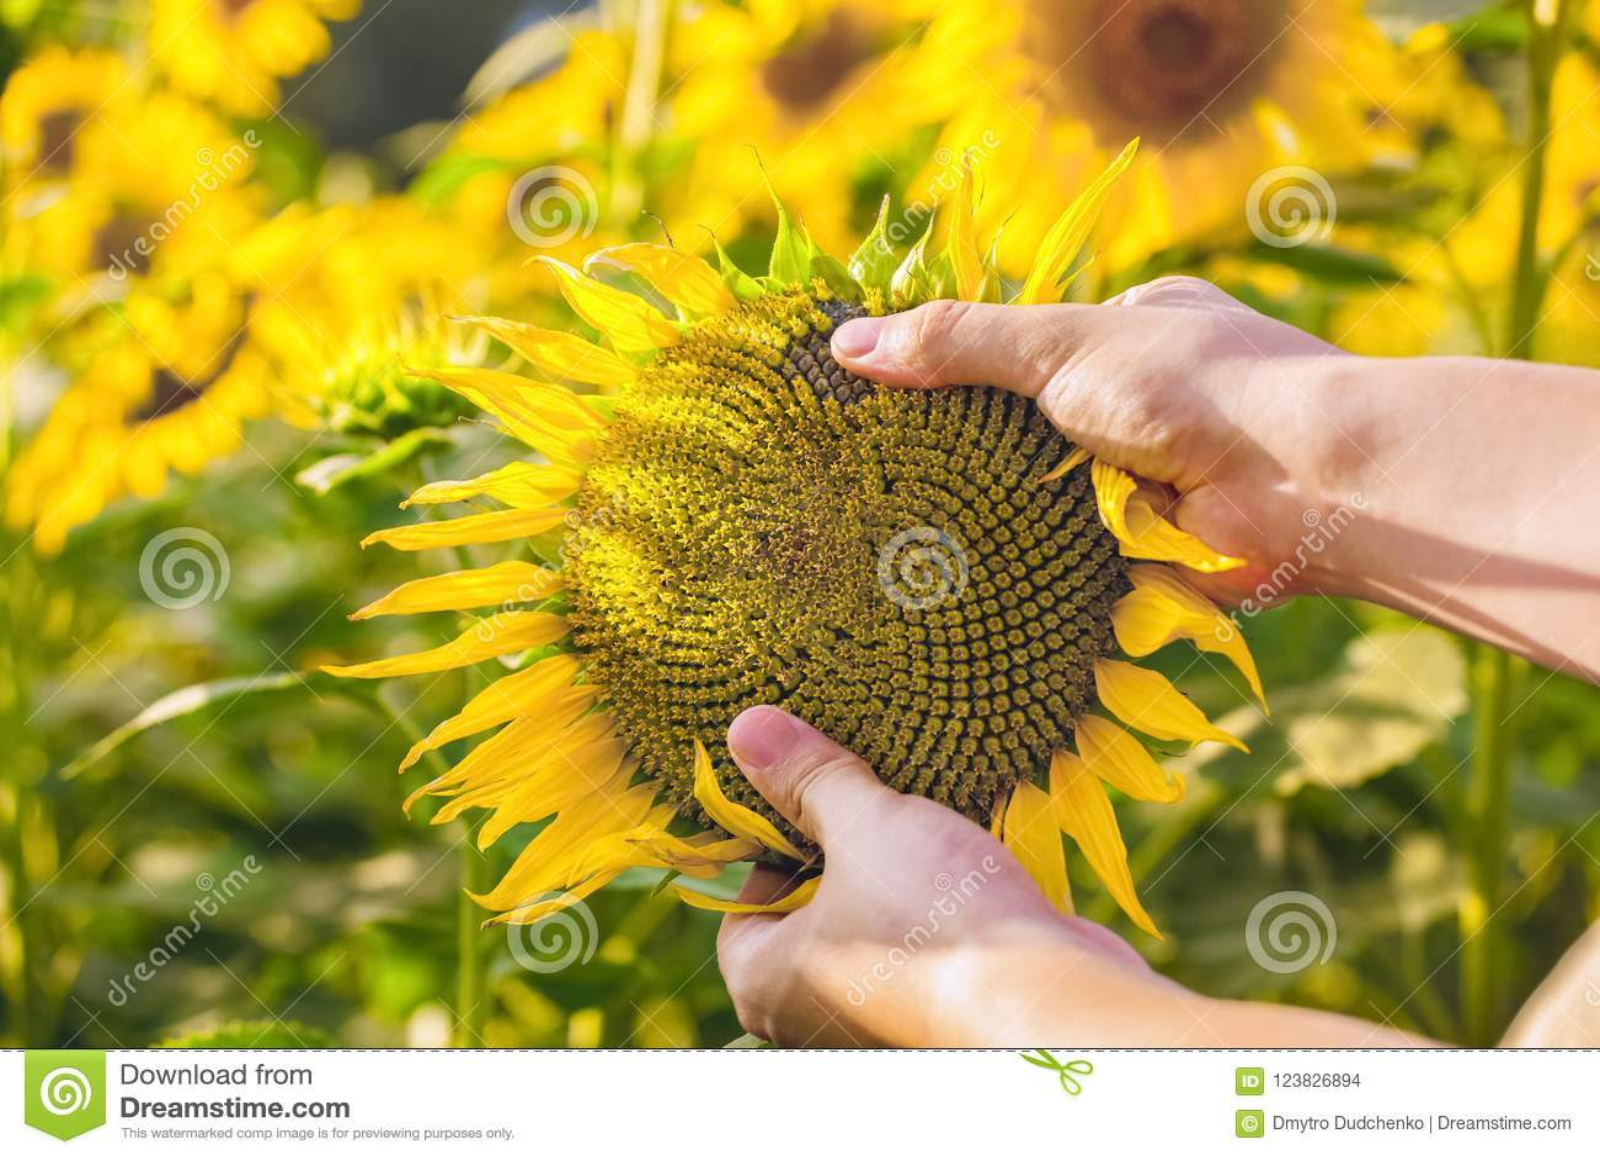 Rolnik trzyma kwitnie słonecznika w jego rękach i sprawdza na polu